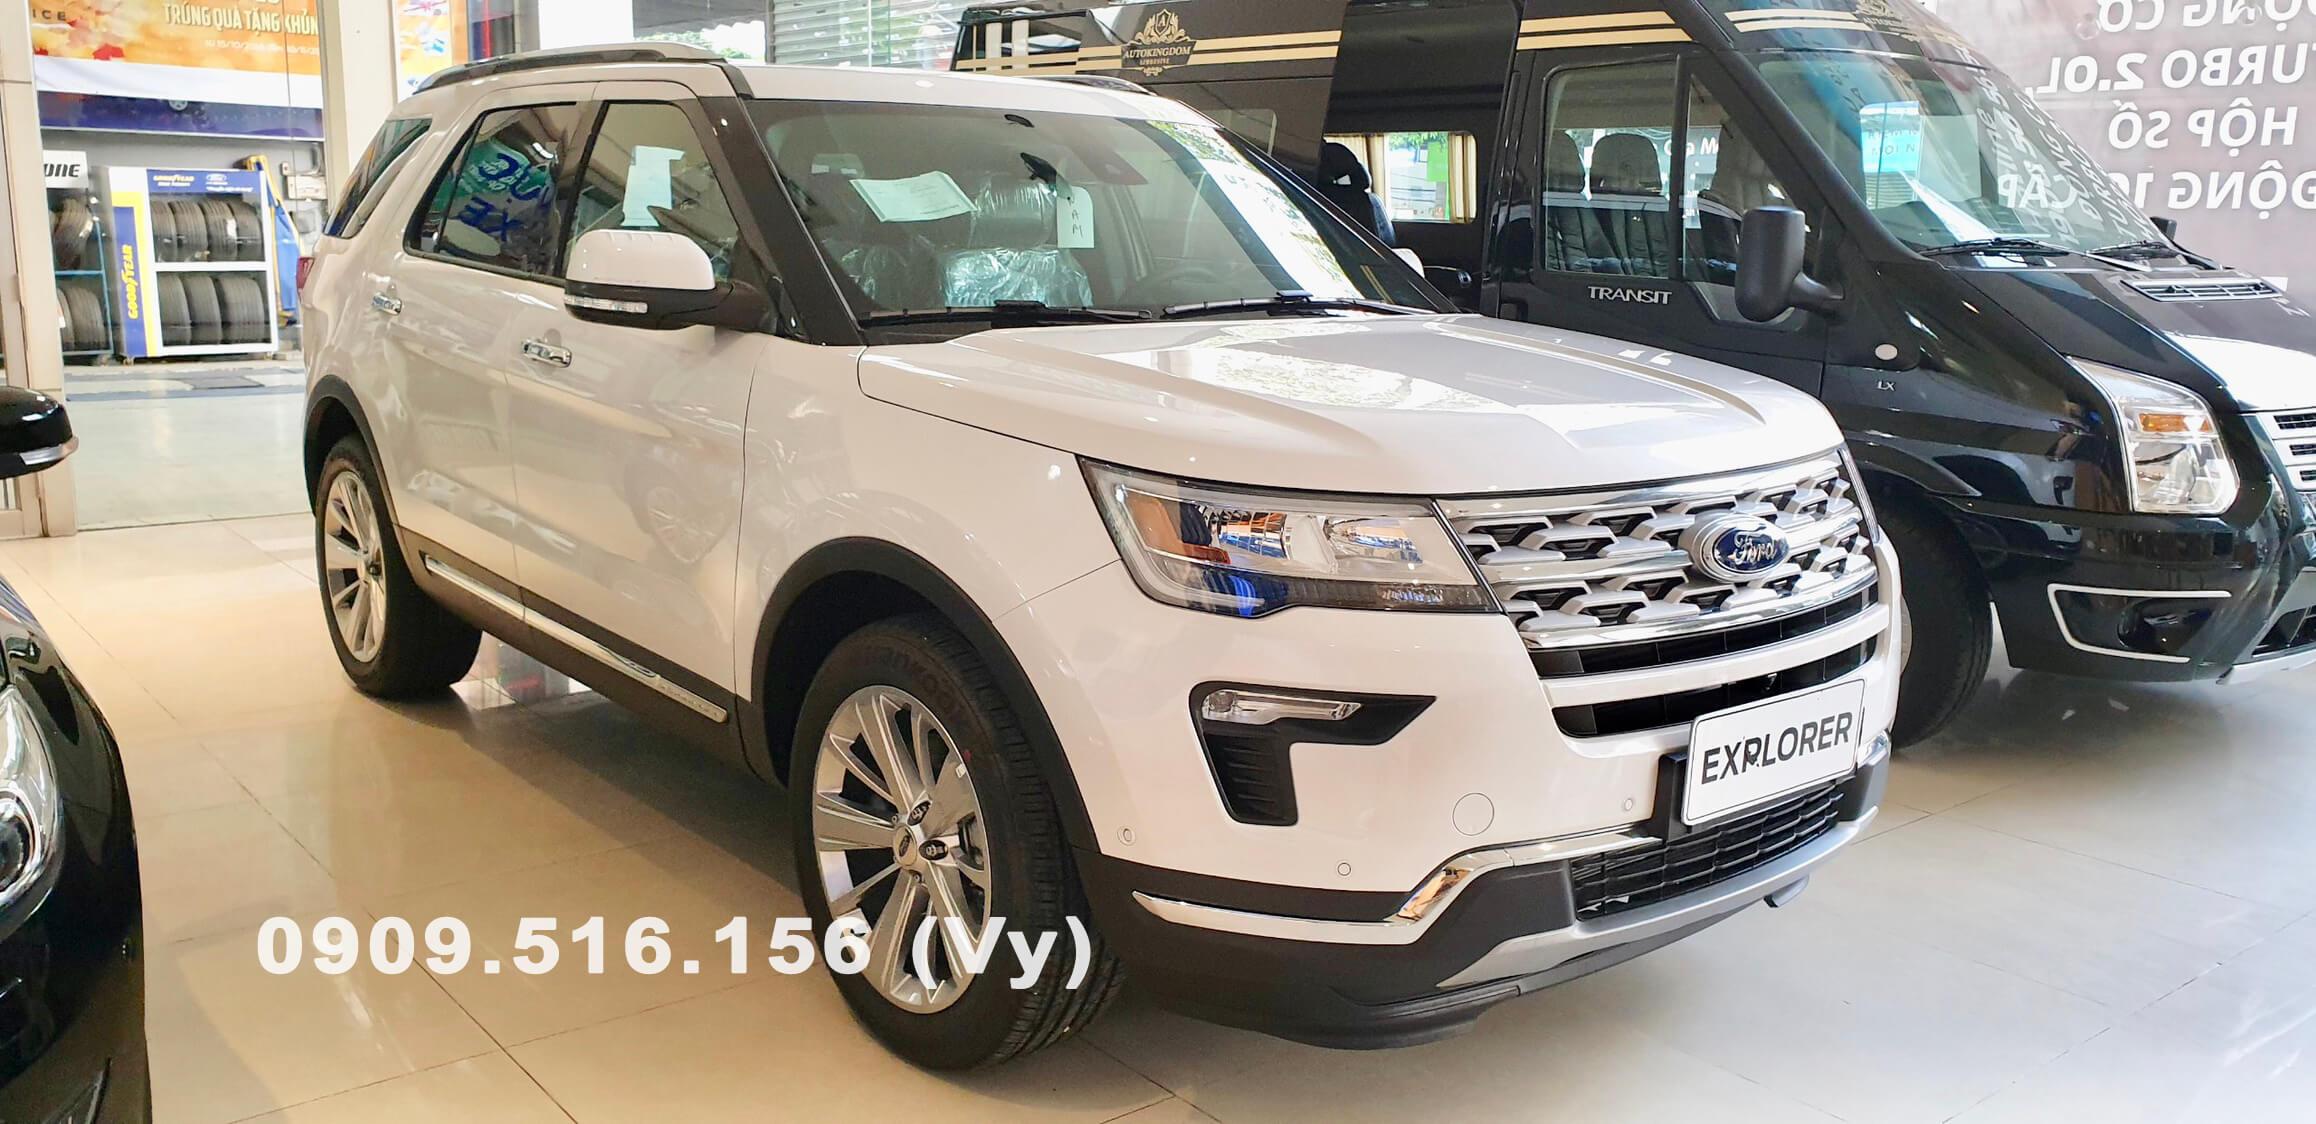 Đánh giá xe Ford Explorer 2019